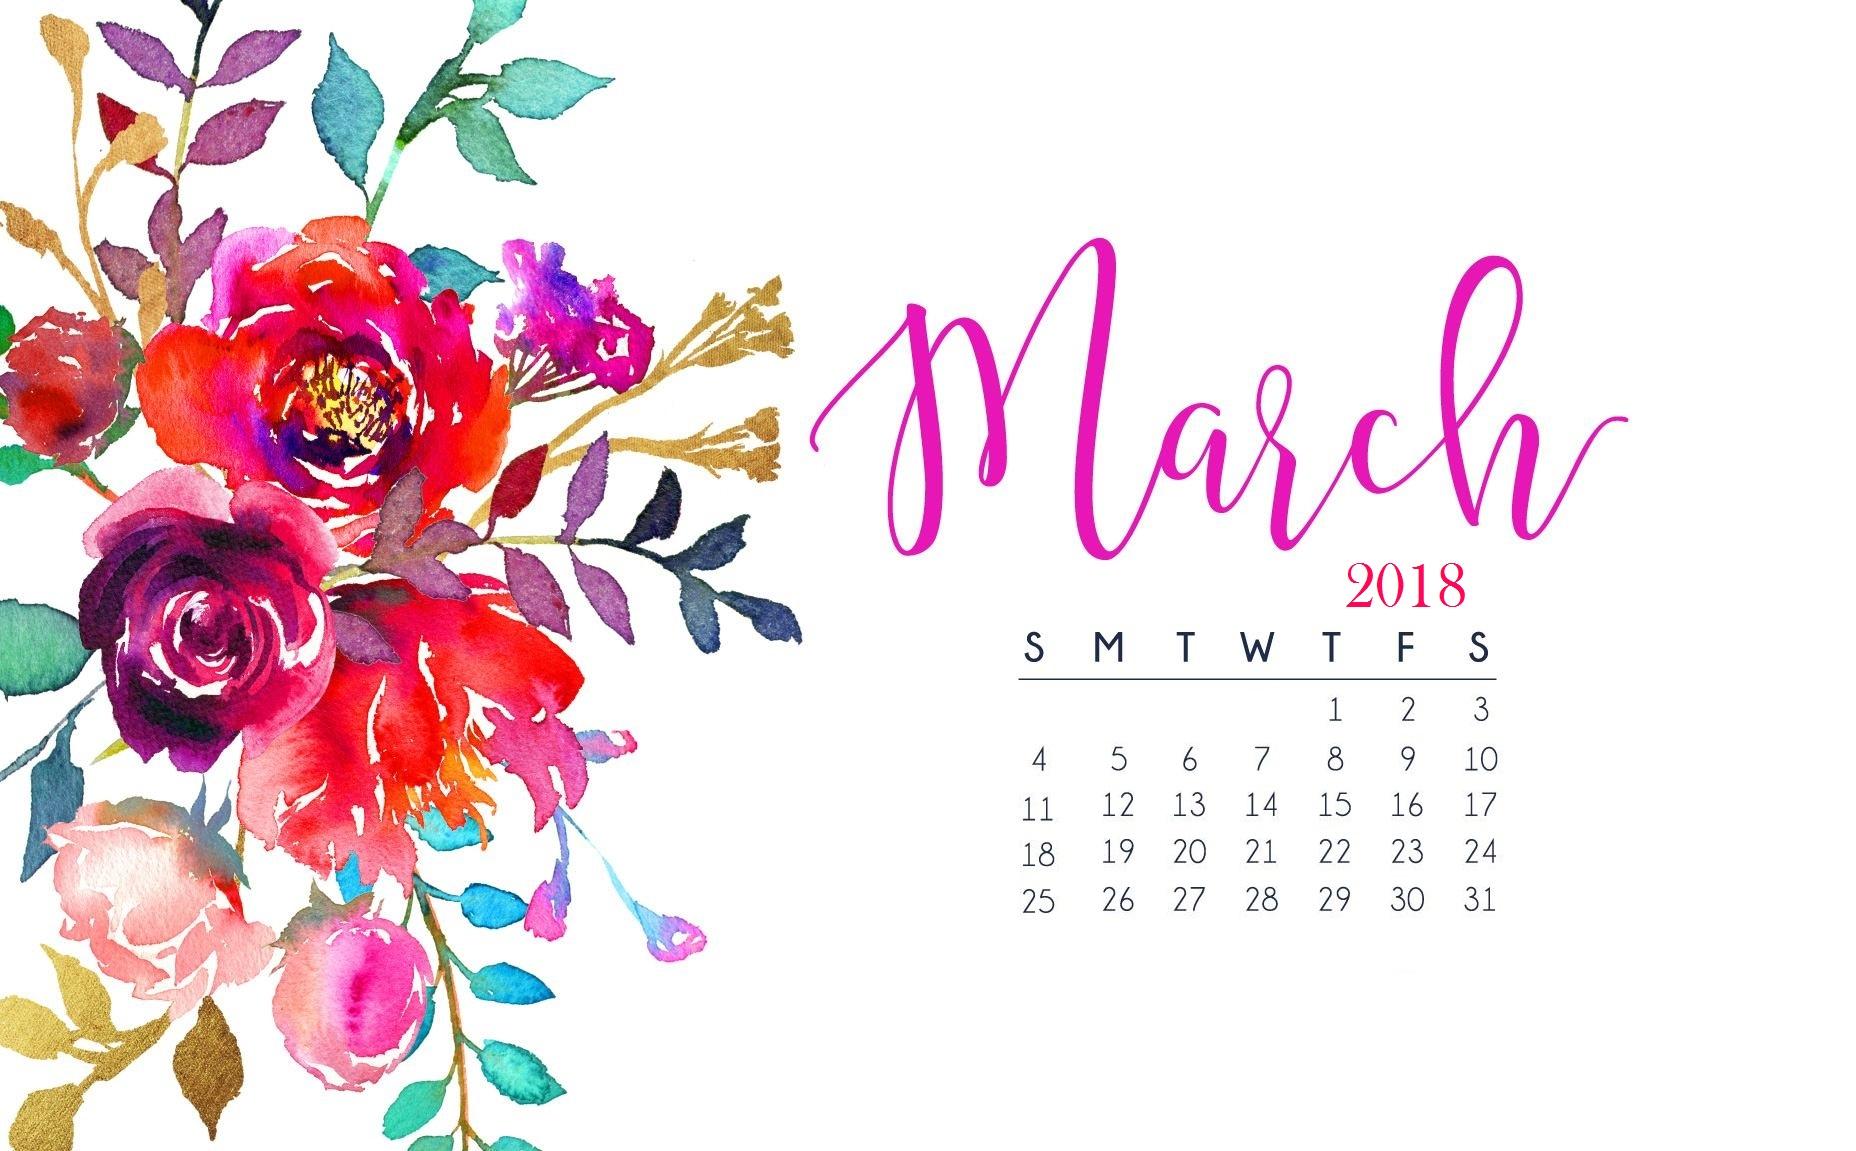 March 2018 Calendar Wallpaper Calendar 2018 1856x1151